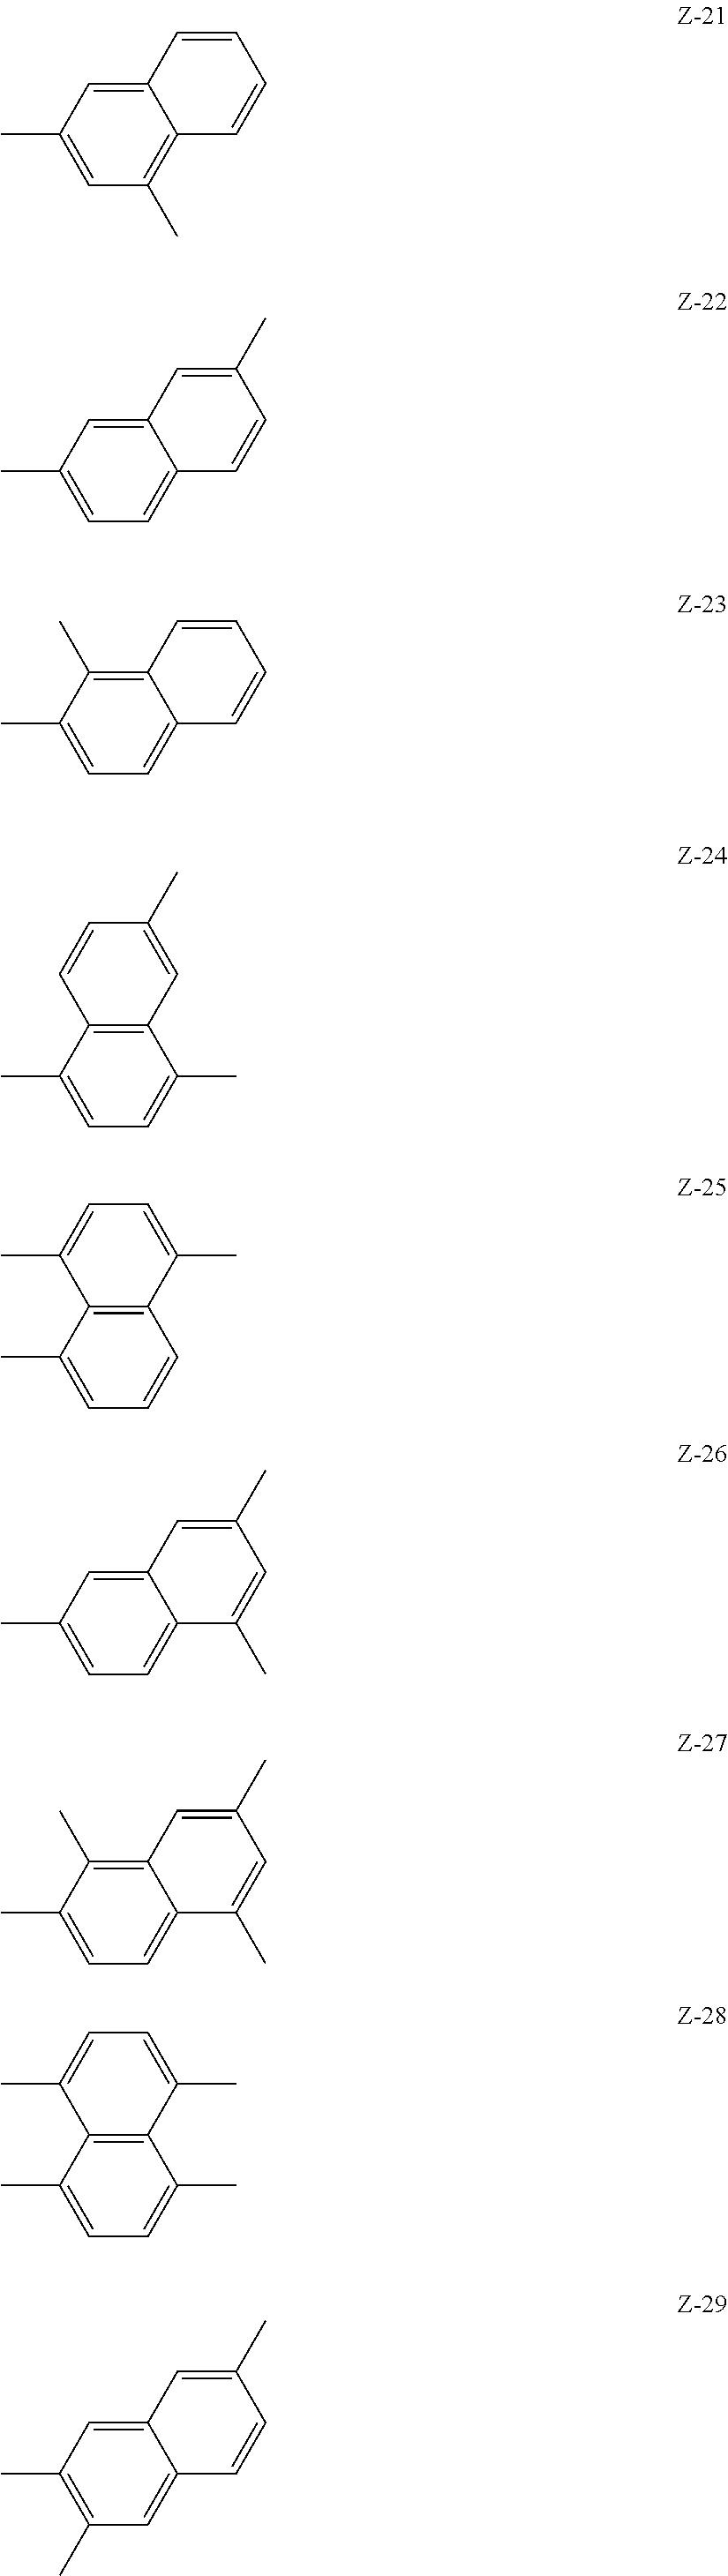 Figure US20110215312A1-20110908-C00034